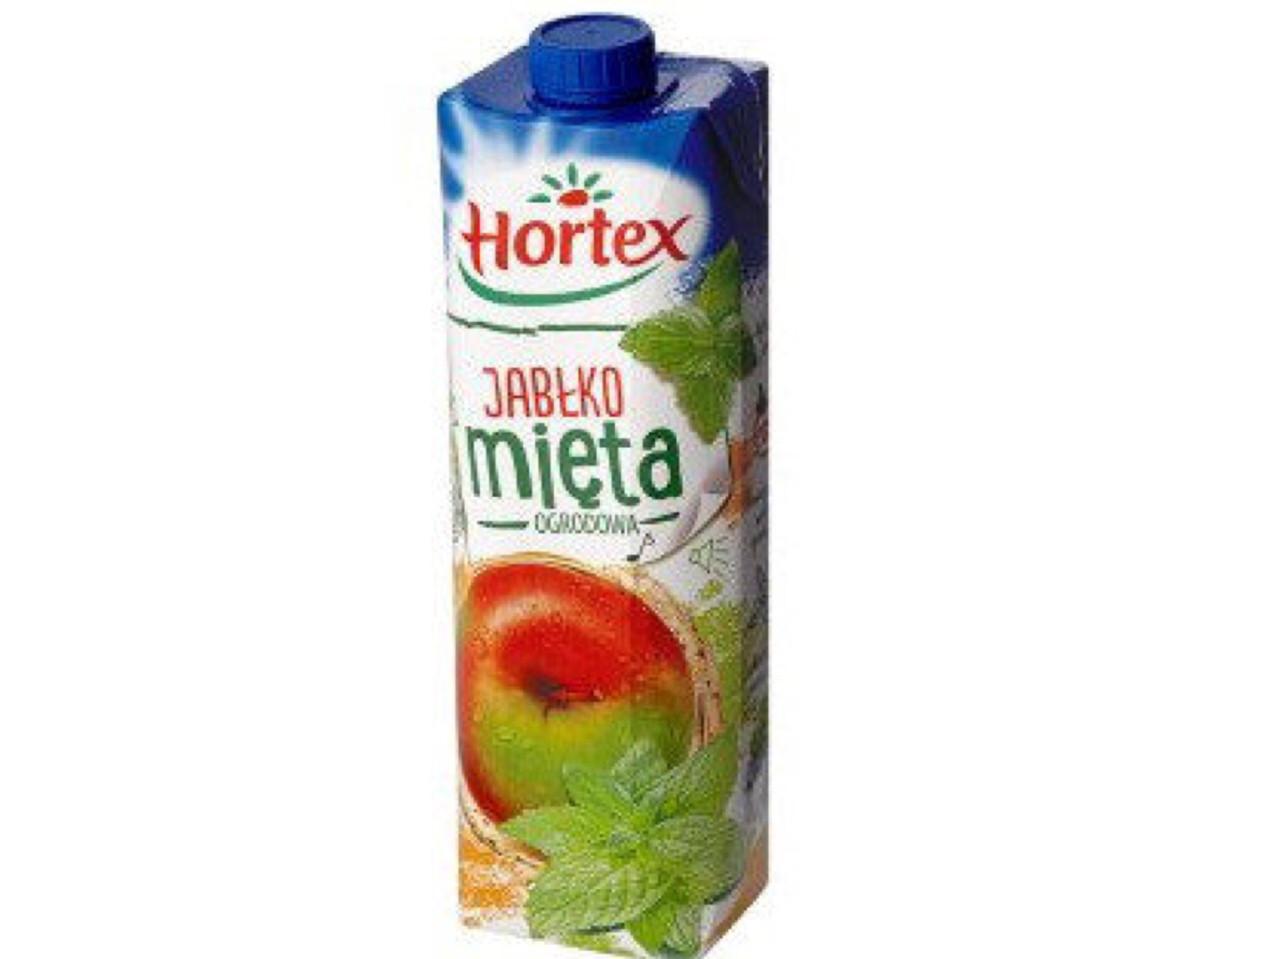 Сок Hortex Jablko mieta 1L